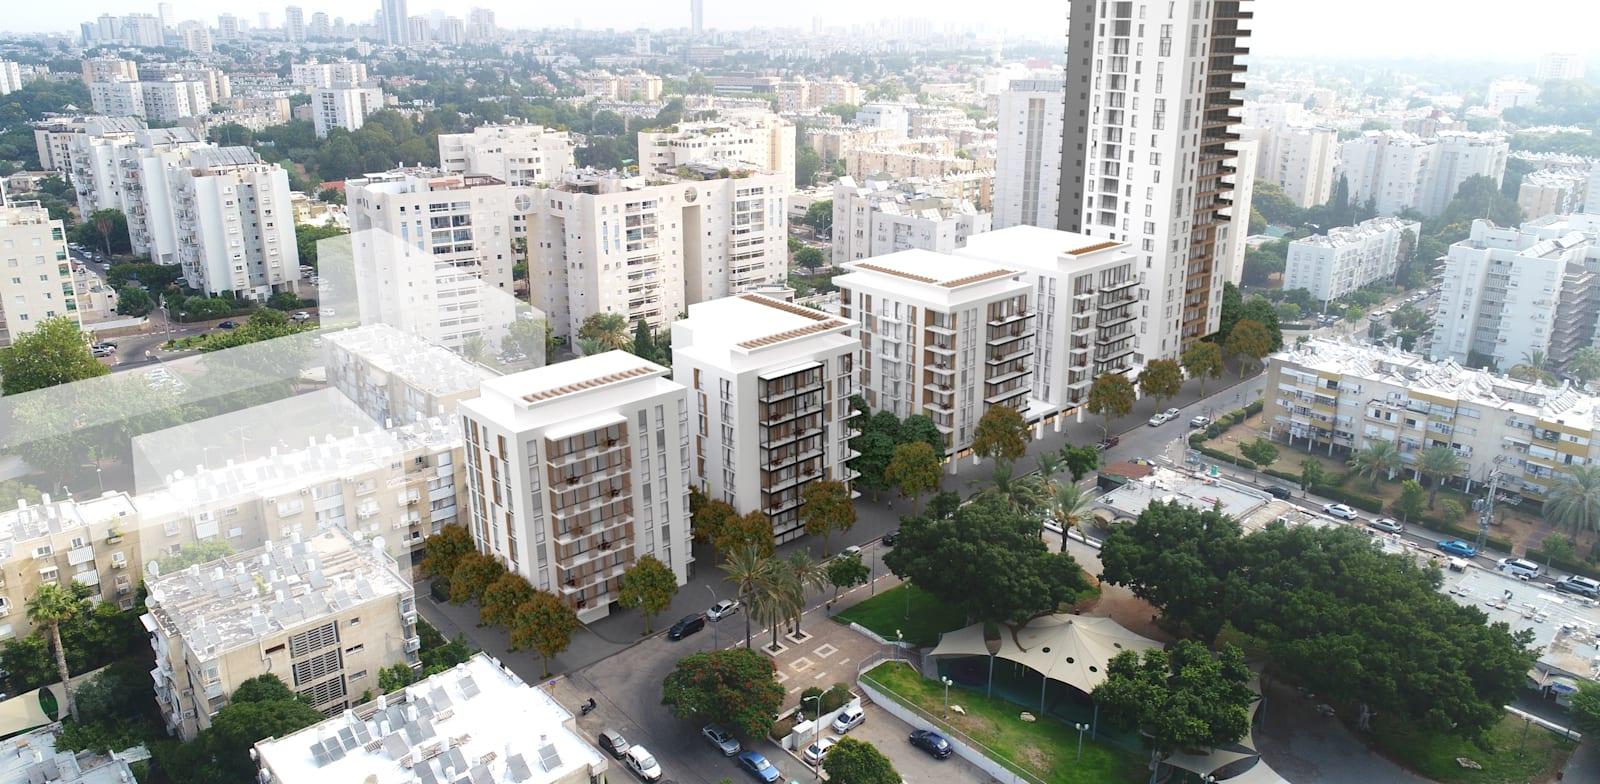 פרויקט פינוי-בינוי ברחוב תקוע 11-33 בשכונה נווה אליעזר בדרום-מזרח תל אביב / צילום: סטודיו מיא אדריכלים